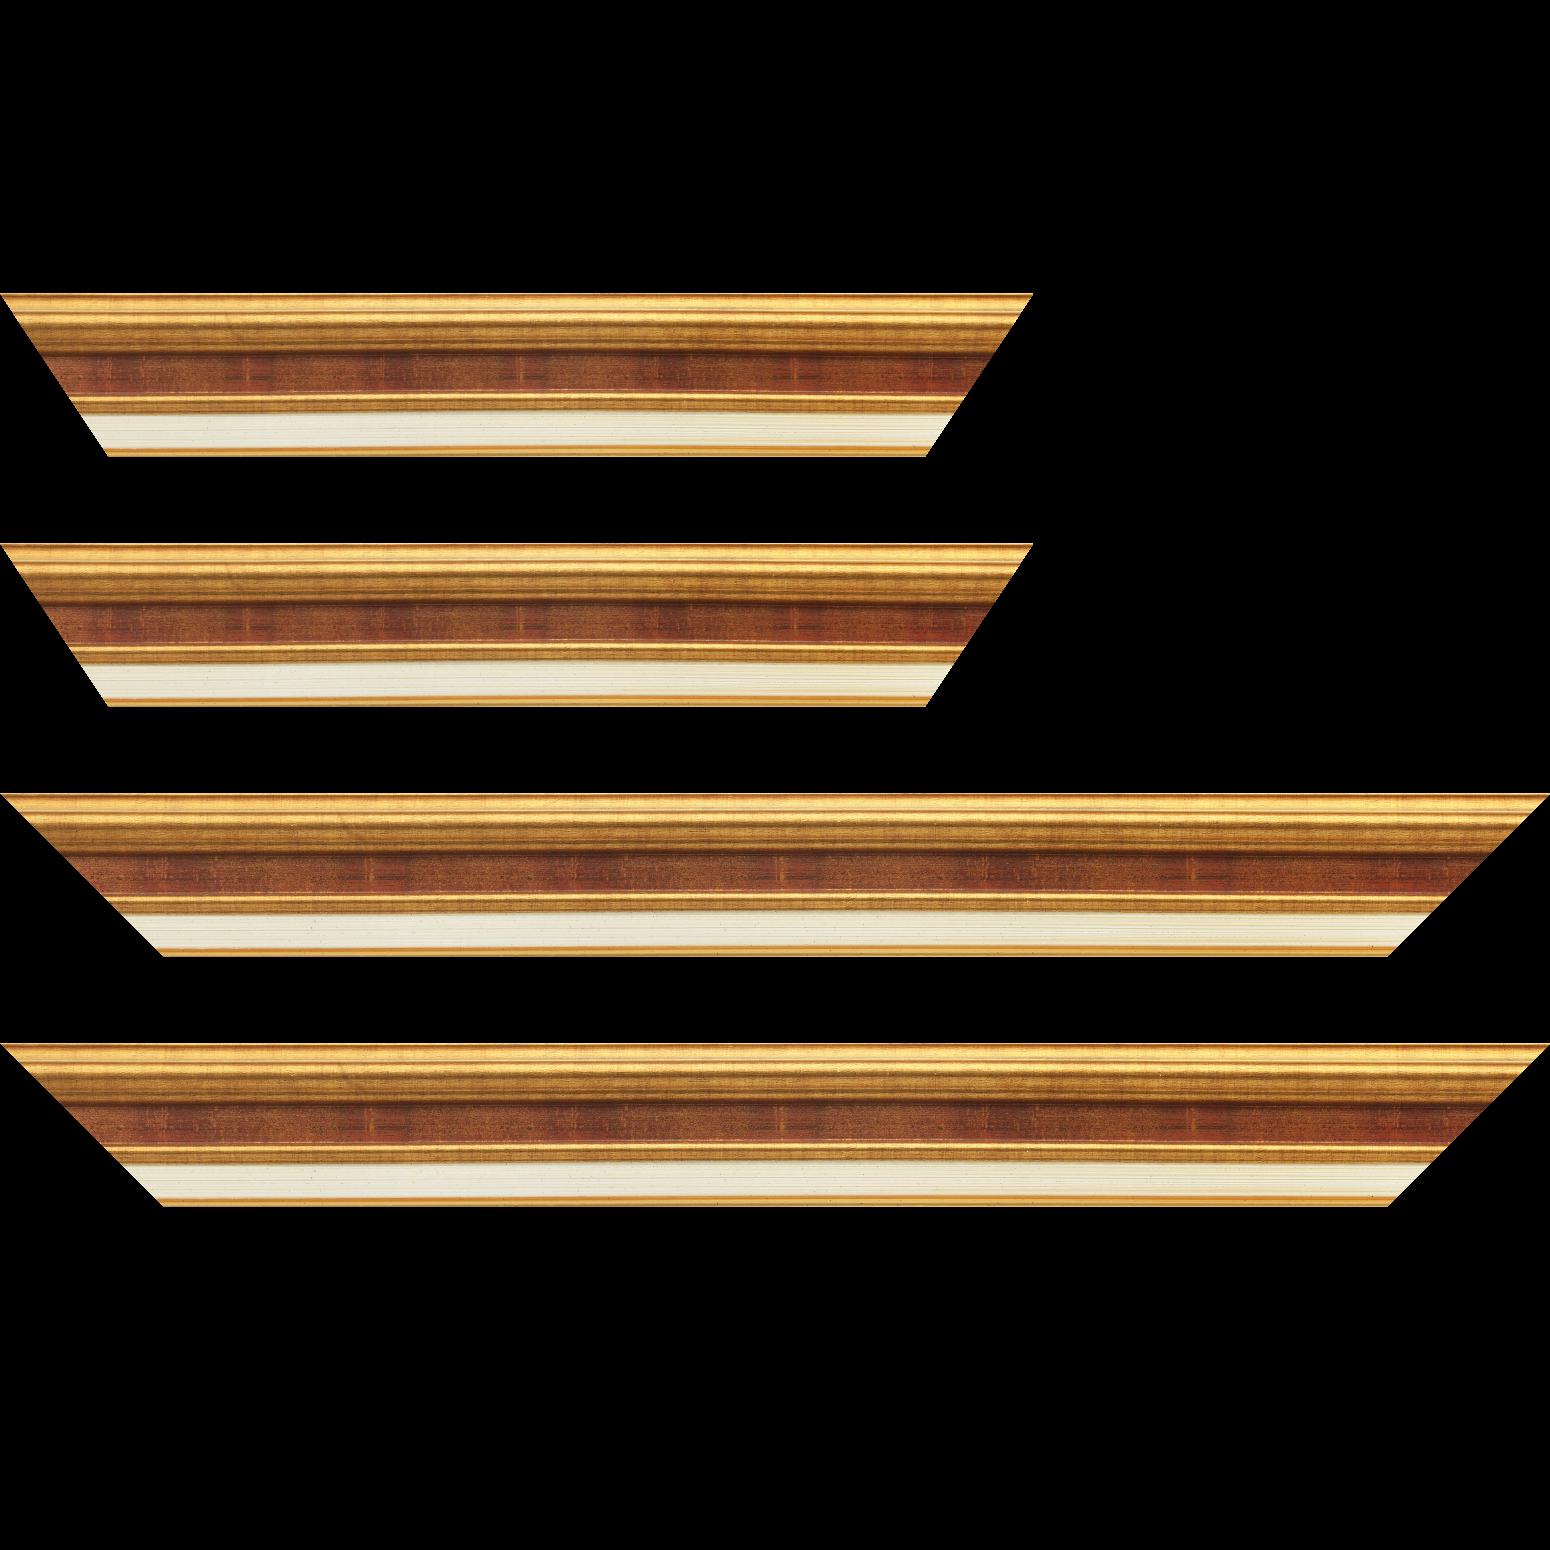 Baguette service précoupé Bois largeur 5.2cm or gorge bordeaux fond or marie louise crème filet or intégrée